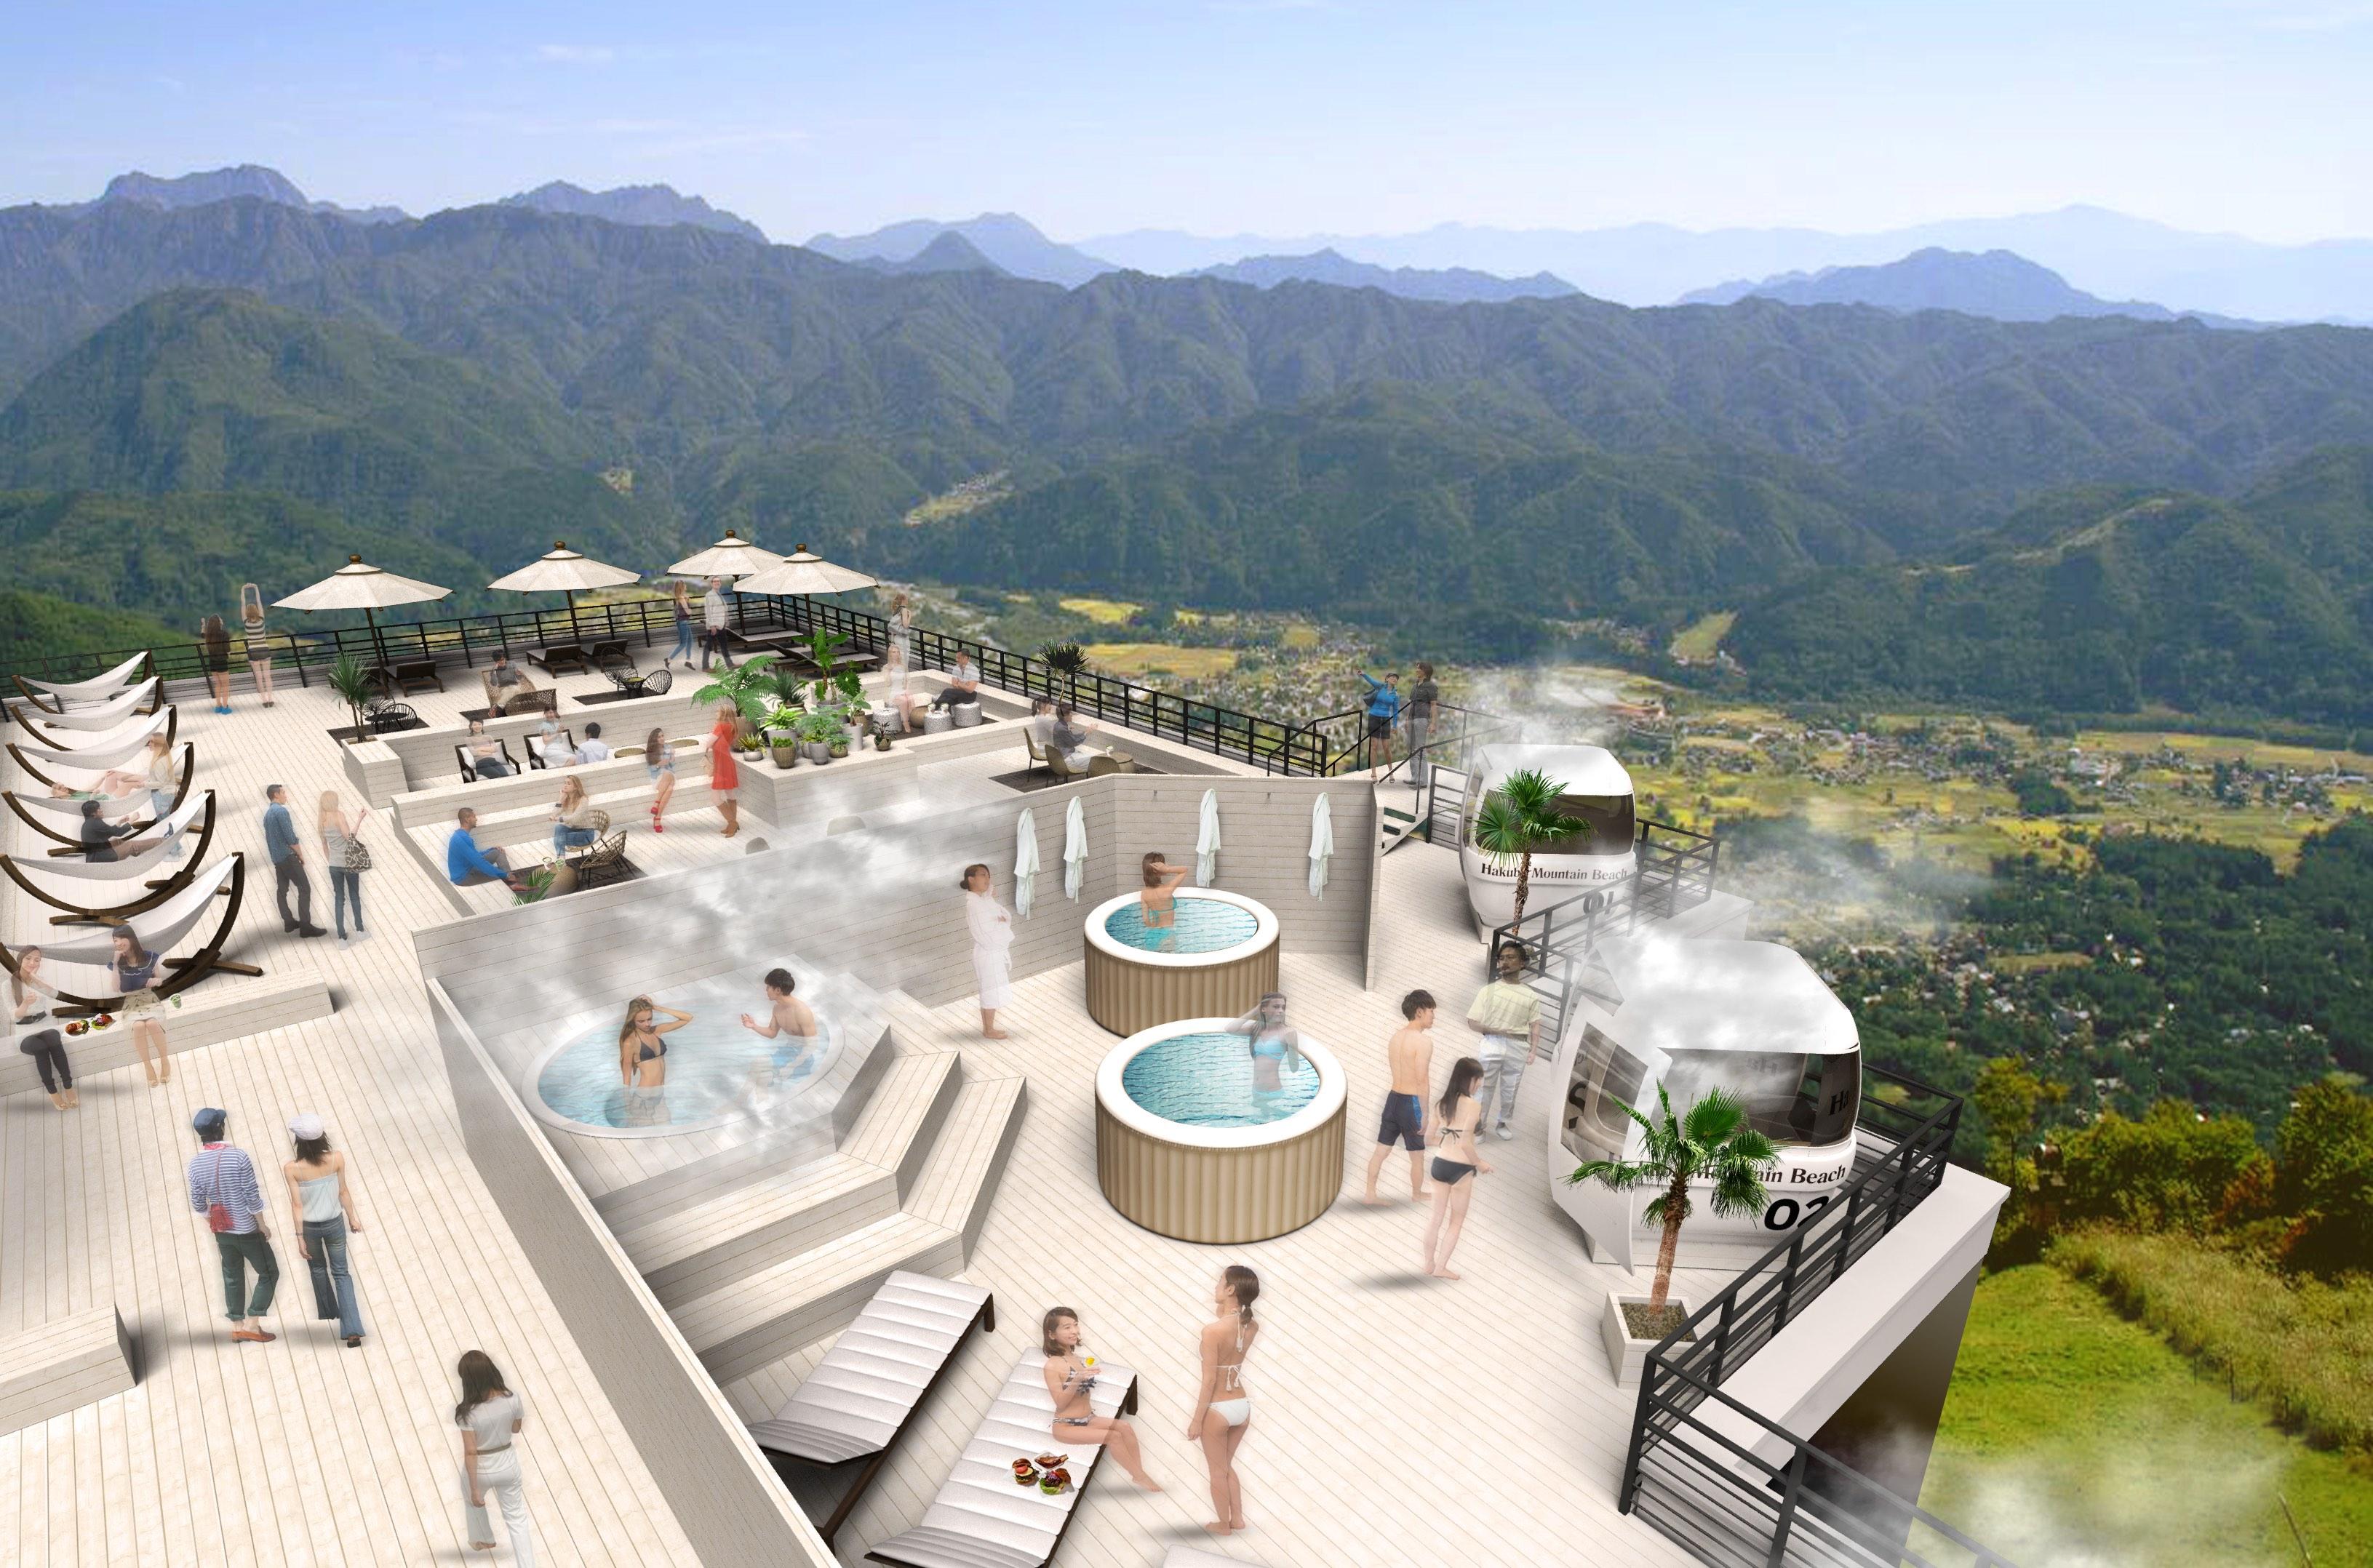 標高1,400mの山岳にビーチリゾートが誕生!「HAKUBA MOUNTAIN BEACH」、白馬八方尾根に7月26日開業予定